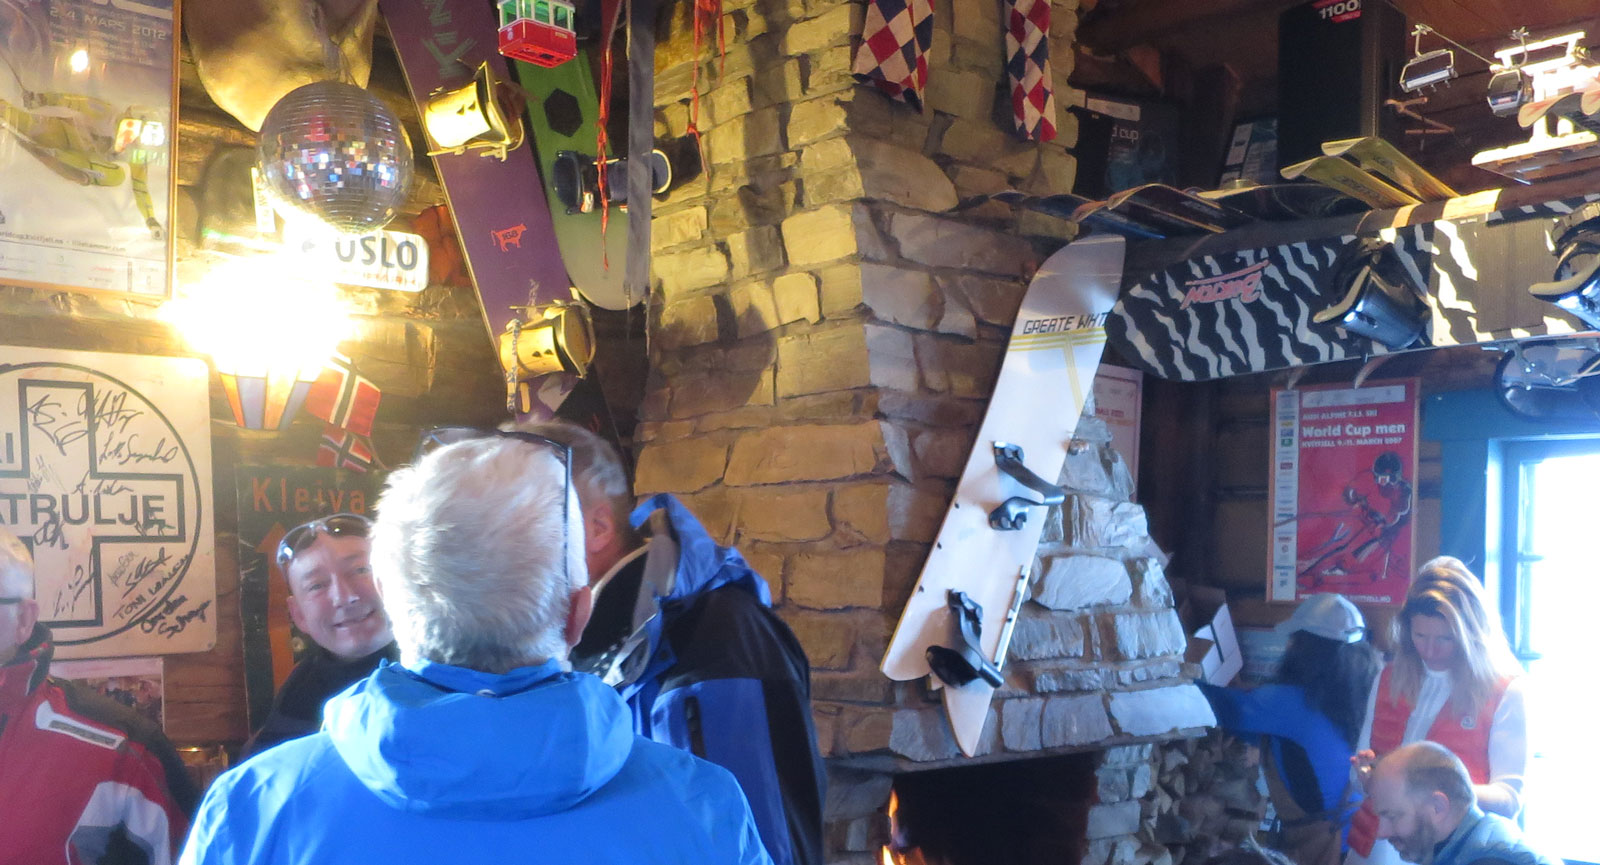 Mingel och hög stämning på after ski inne i Koia.